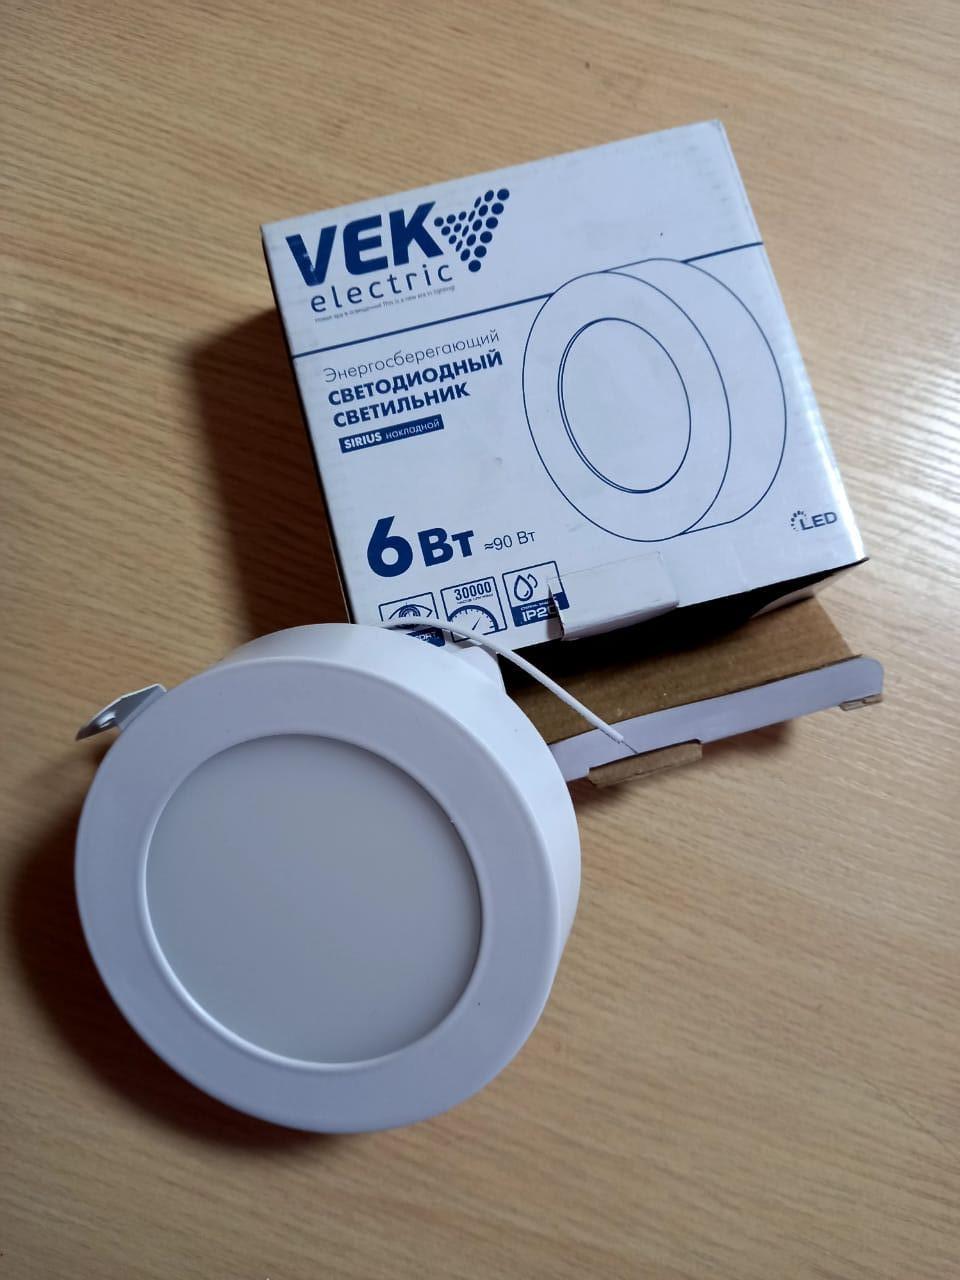 Панель светодиодная внешняя круглая 6 W/ VEK electric